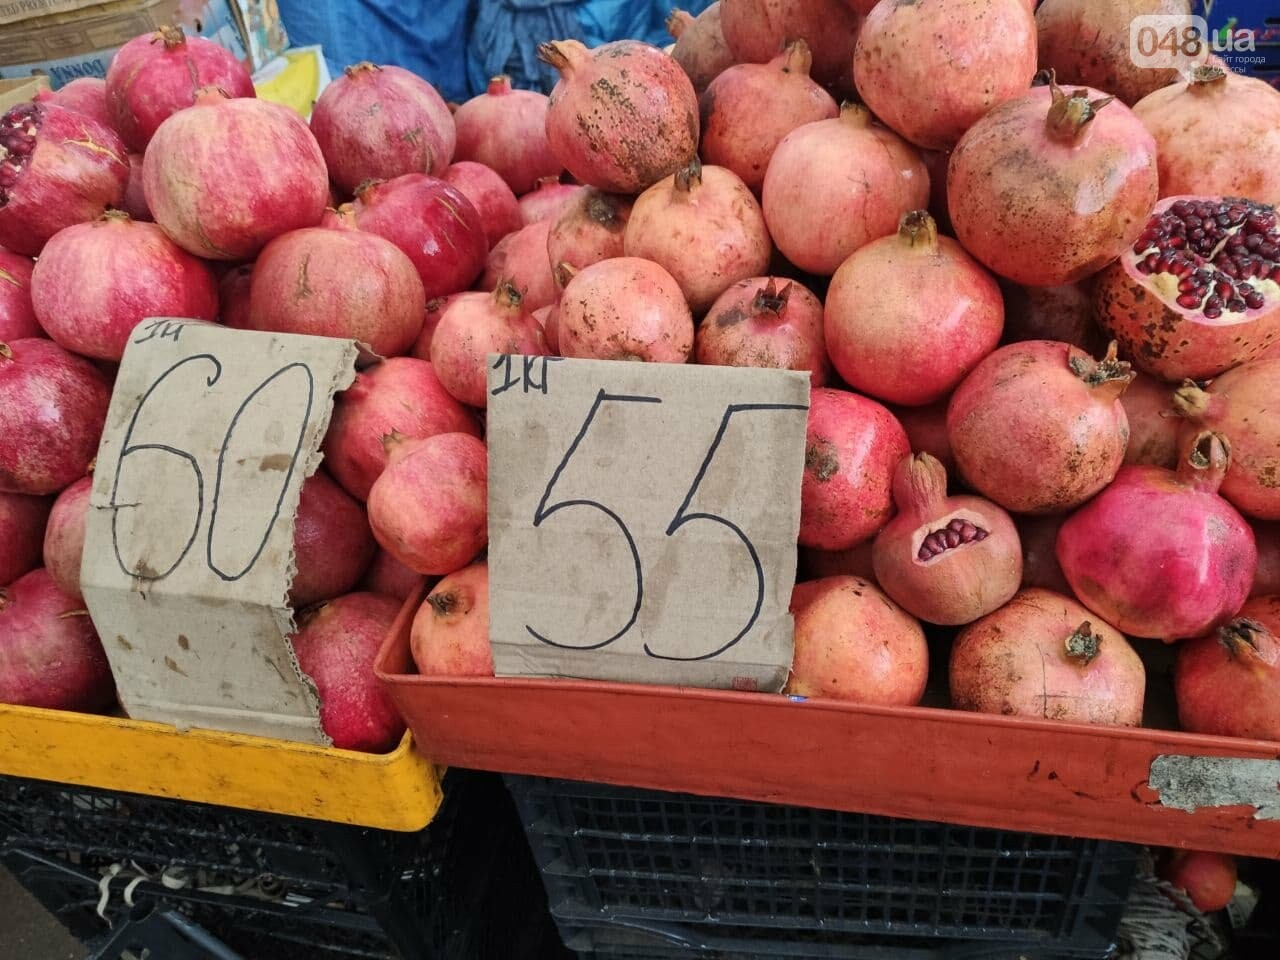 Ананас, грейпфрут, кабачки: почем на одесском Привозе овощи и фрукты, - ФОТО, фото-4